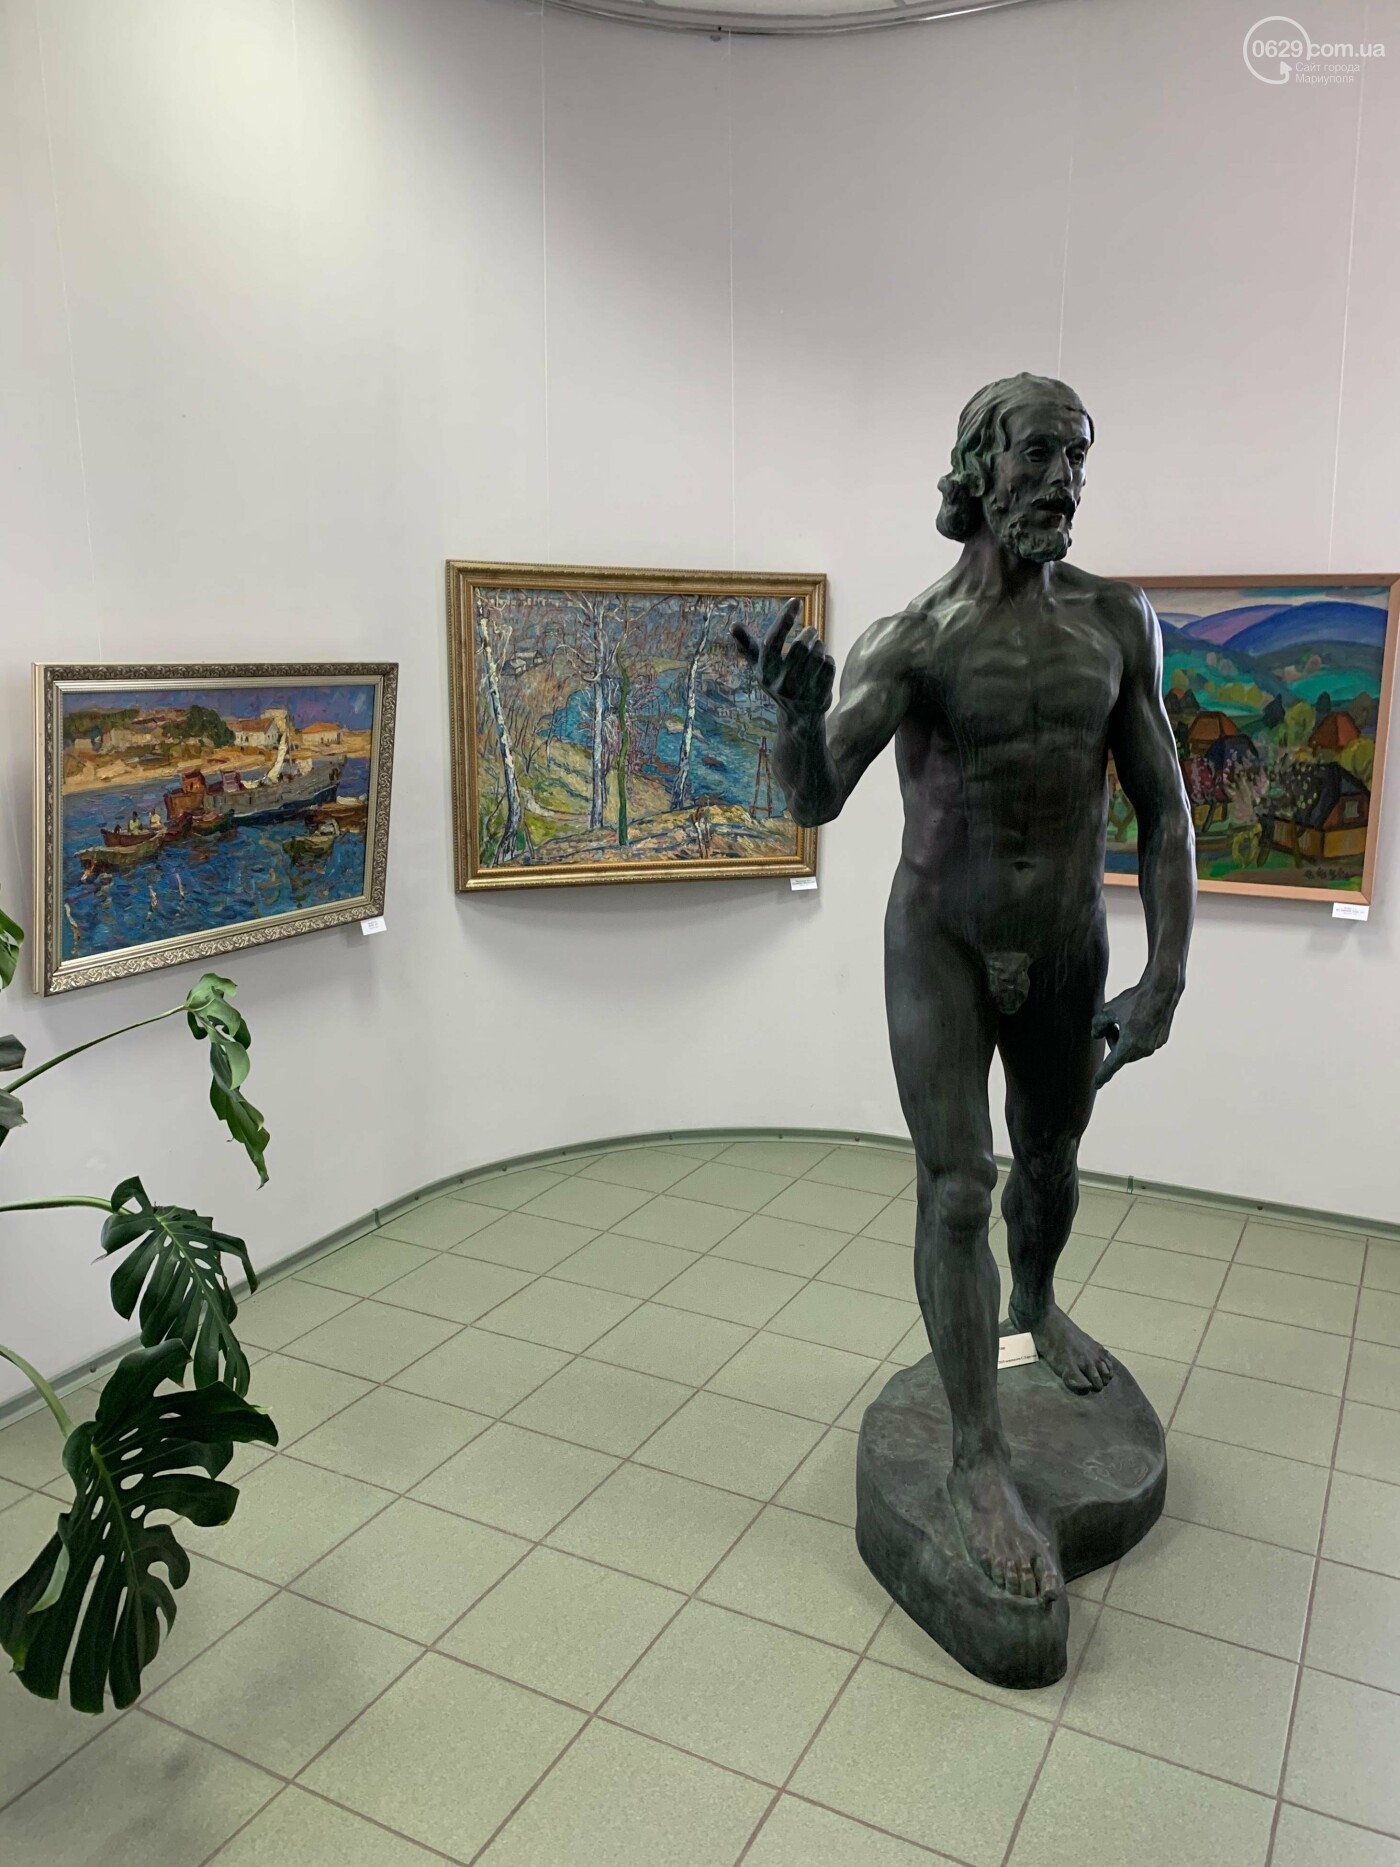 Гості з минулого. В Маріуполі відтворили виставку 1973 року, зібрав 60 шедеврів живопису - ФОТОРЕПОРТАЖ, фото-10